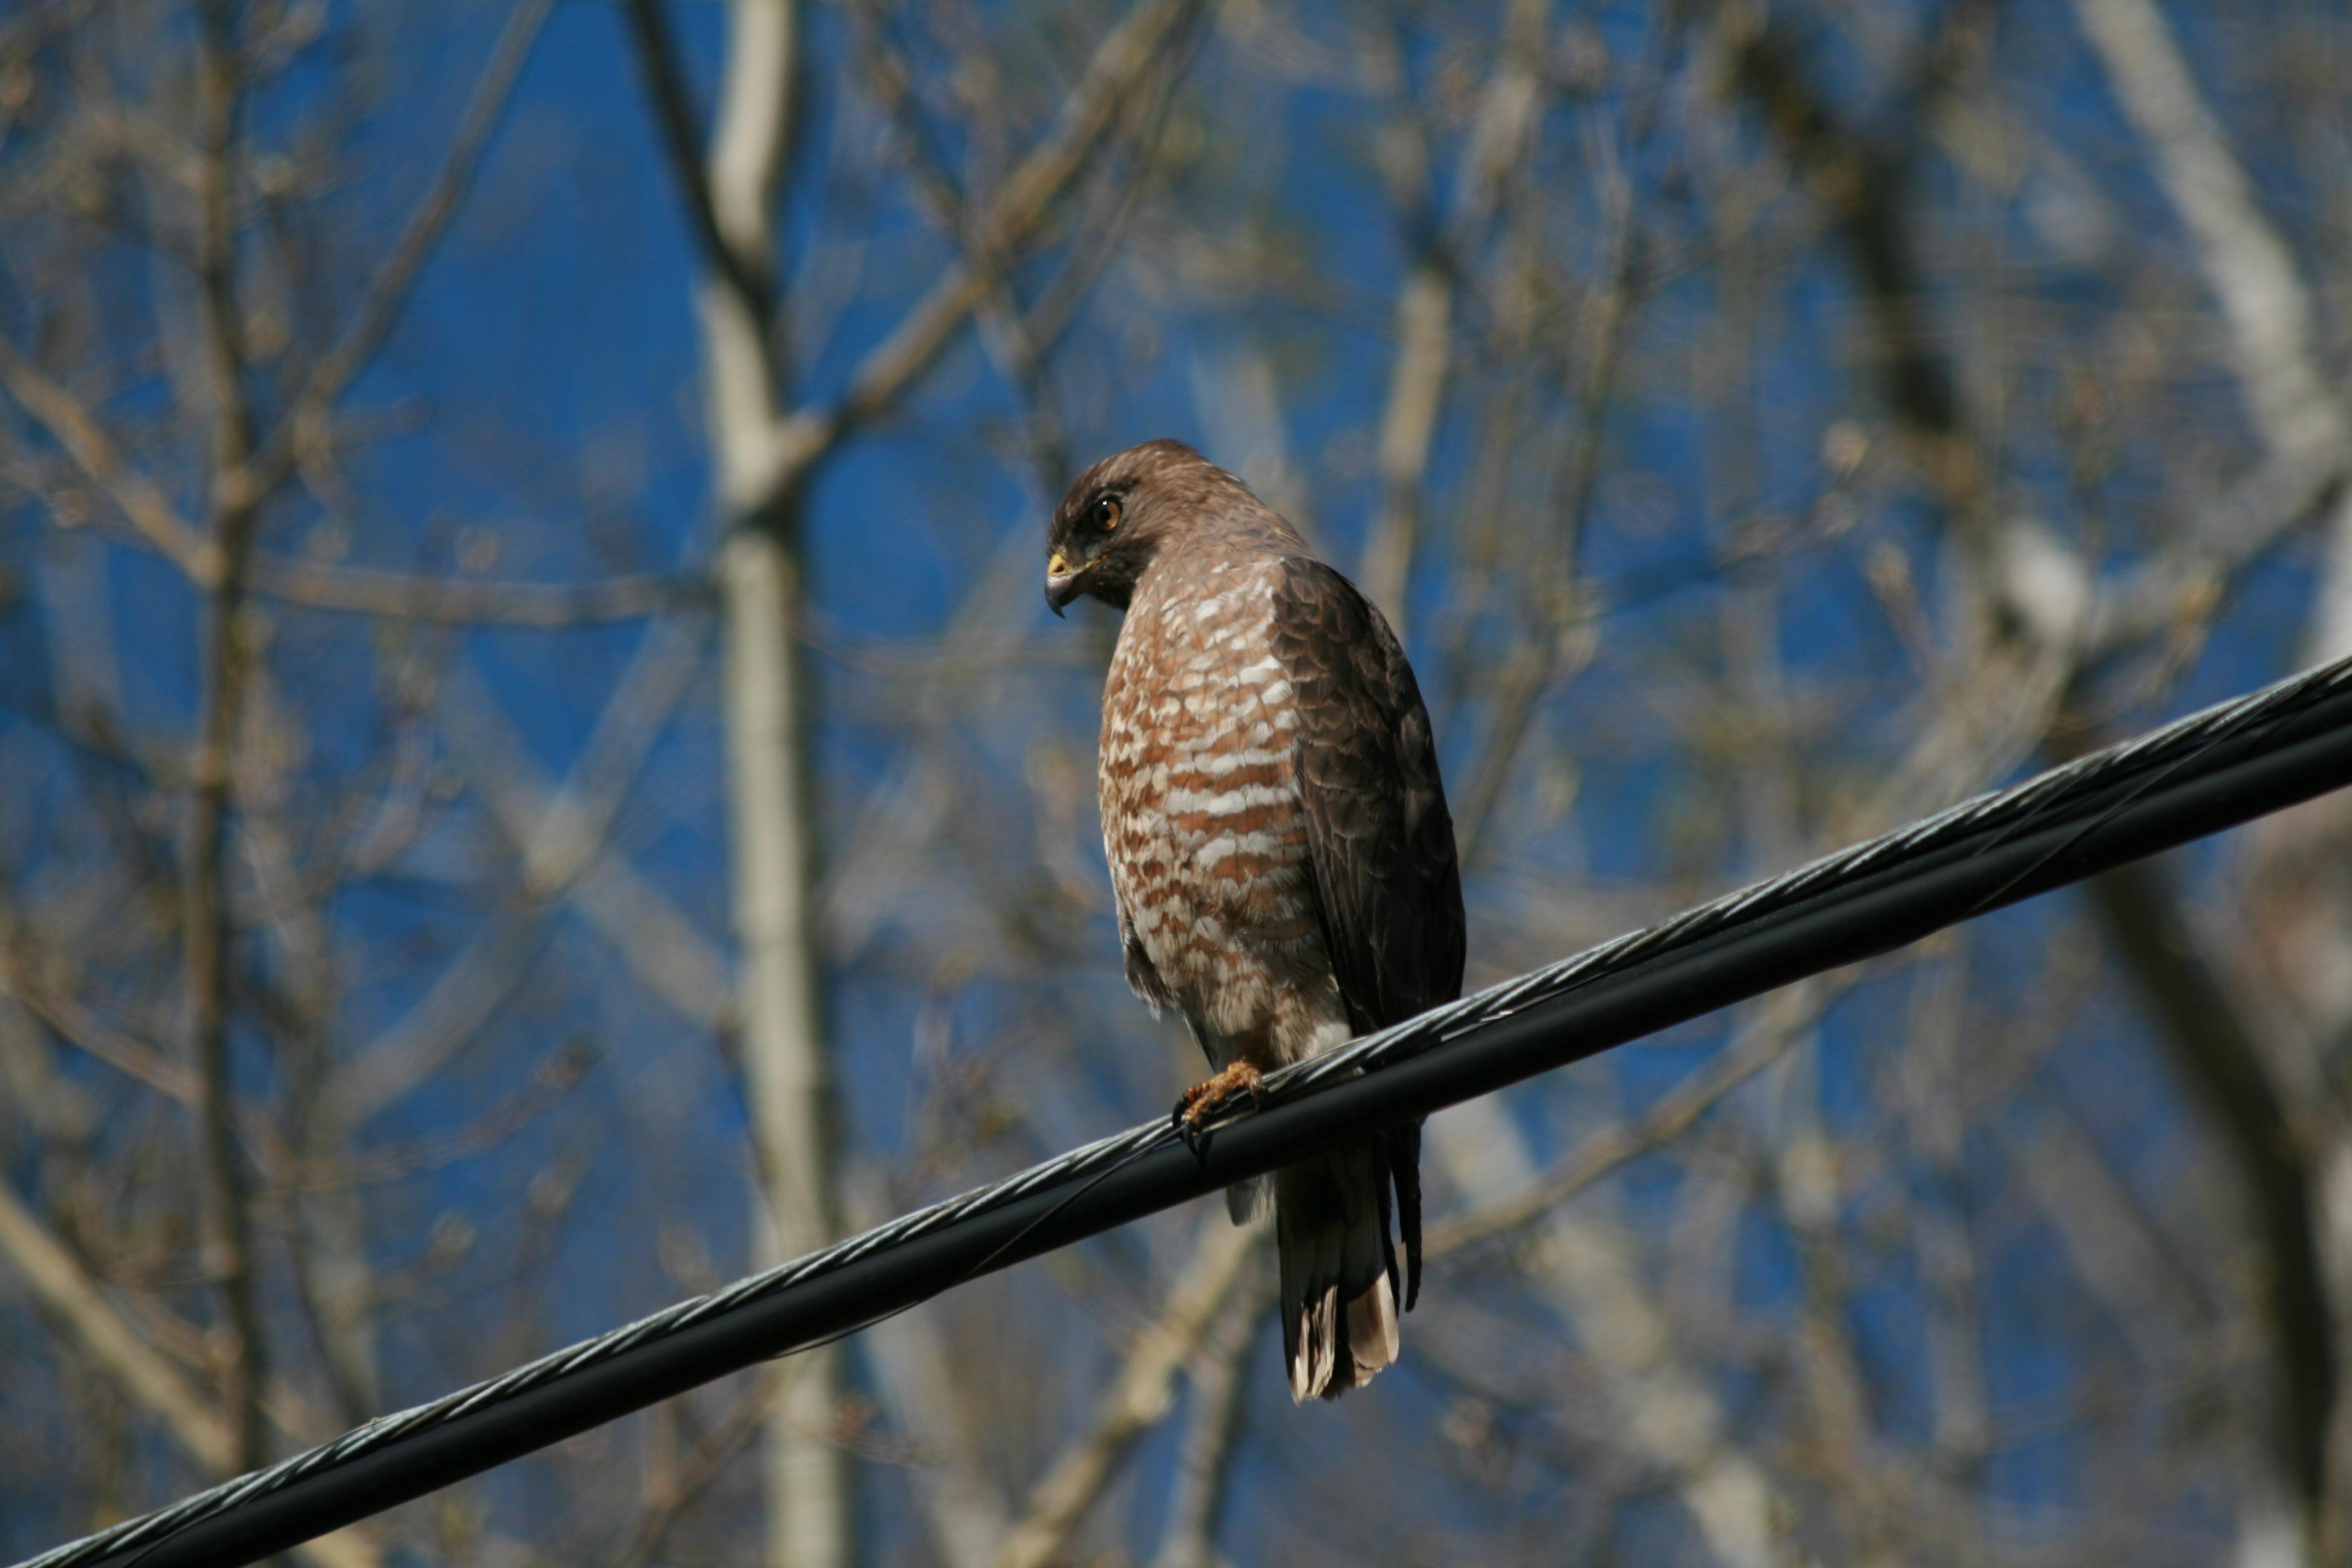 bozzit hawk on branch bird of prey